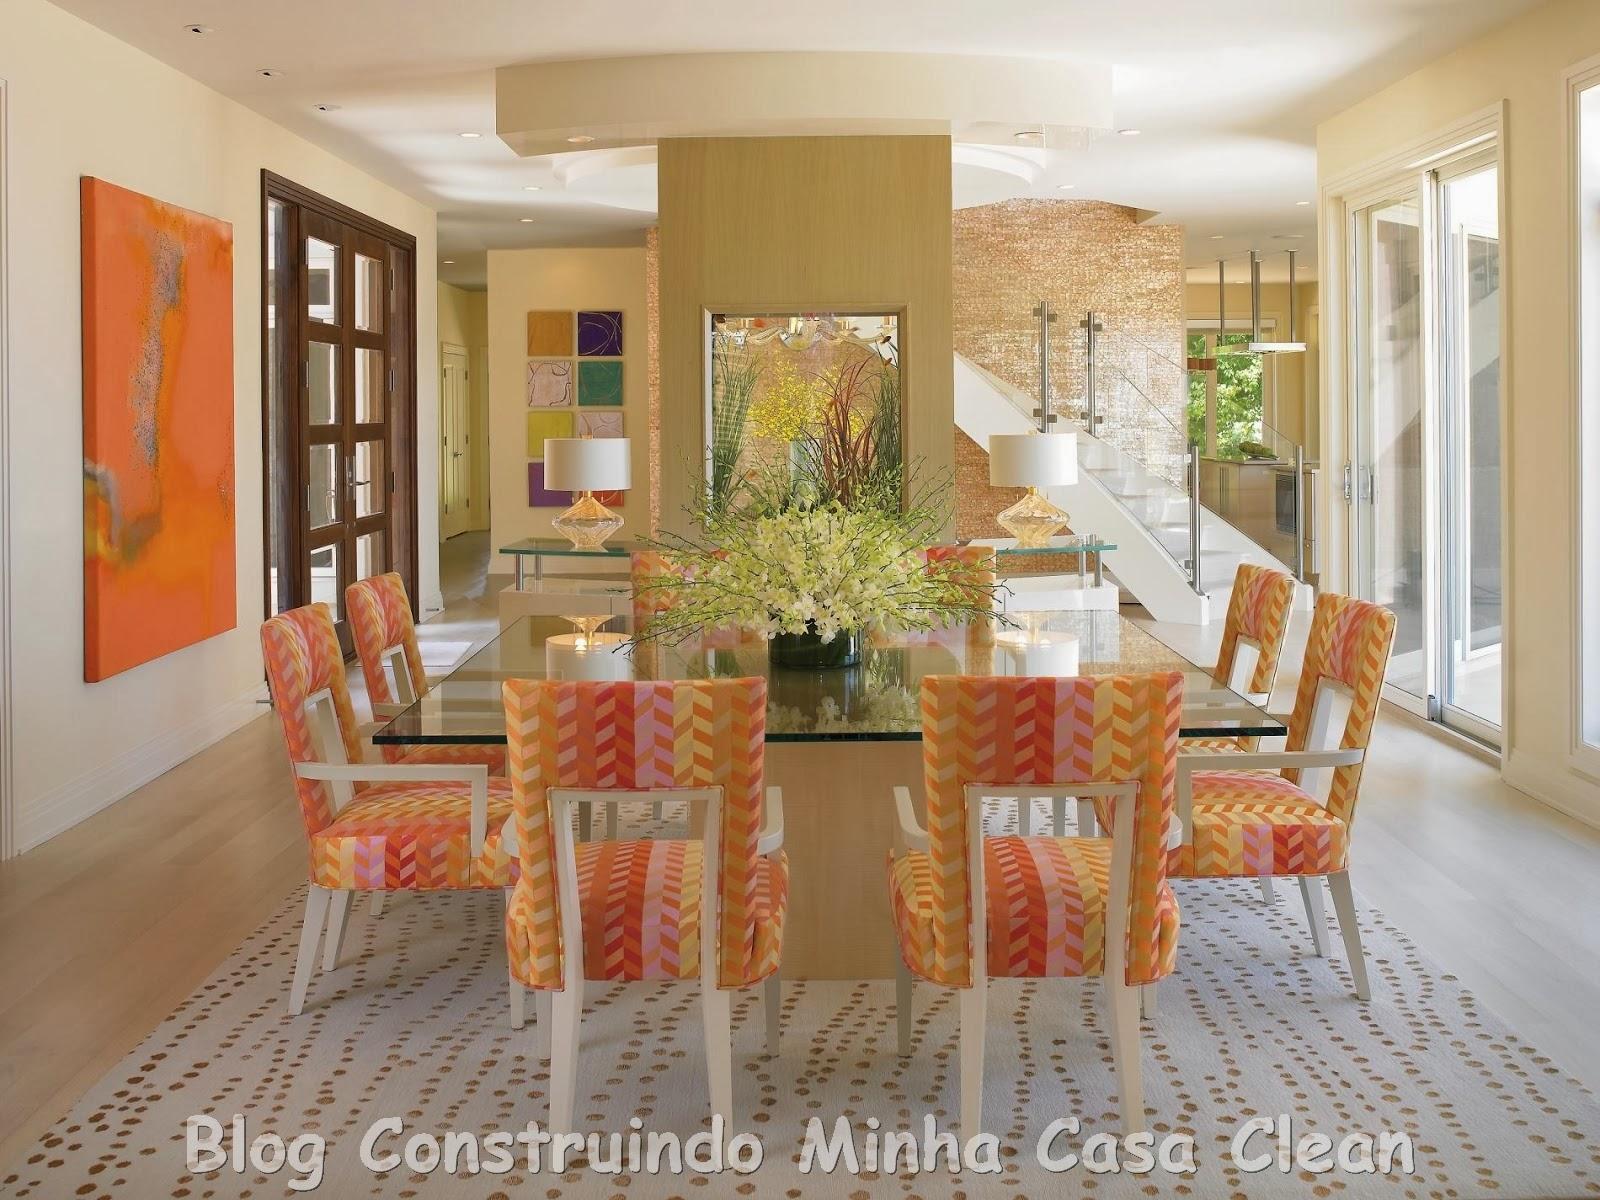 ideias simples para decoracao de interiores ? Doitri.com